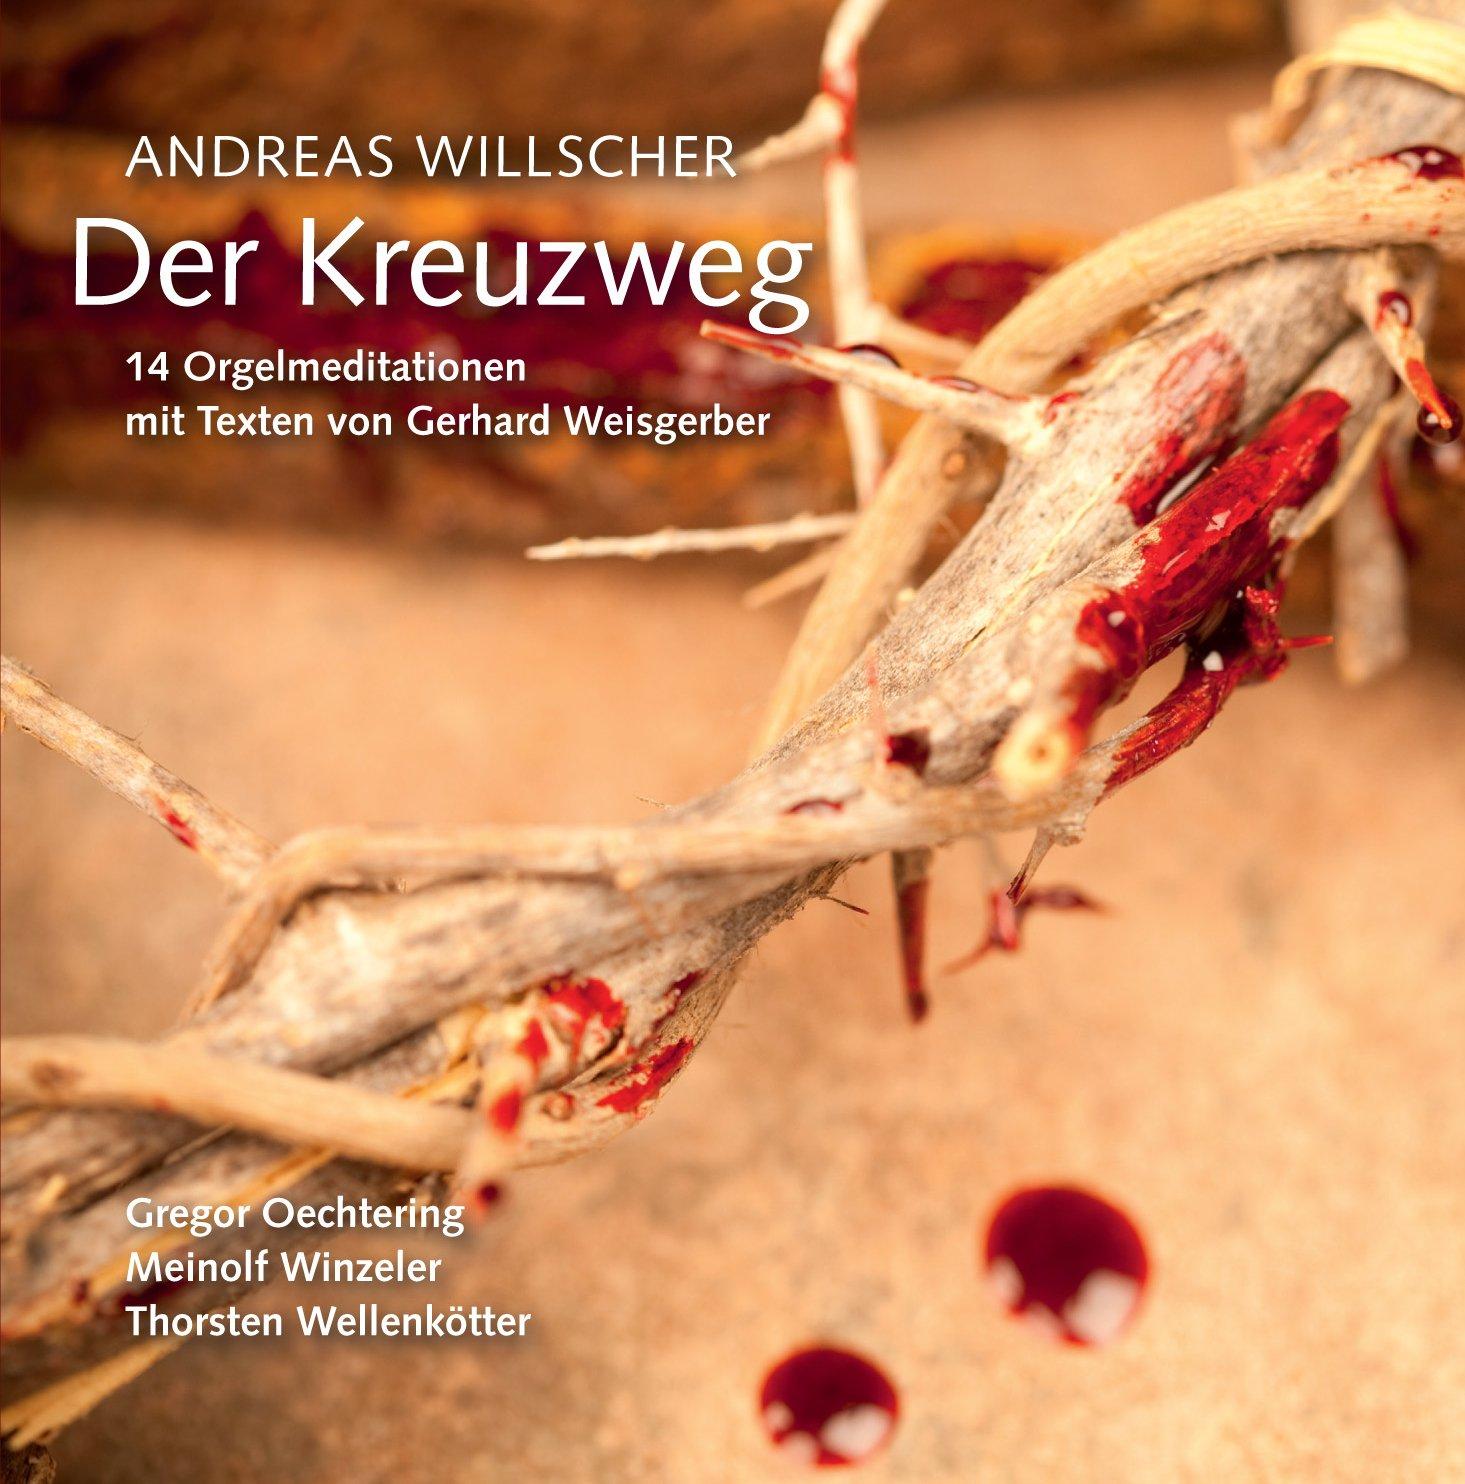 Kreuzweg Cover.jpg